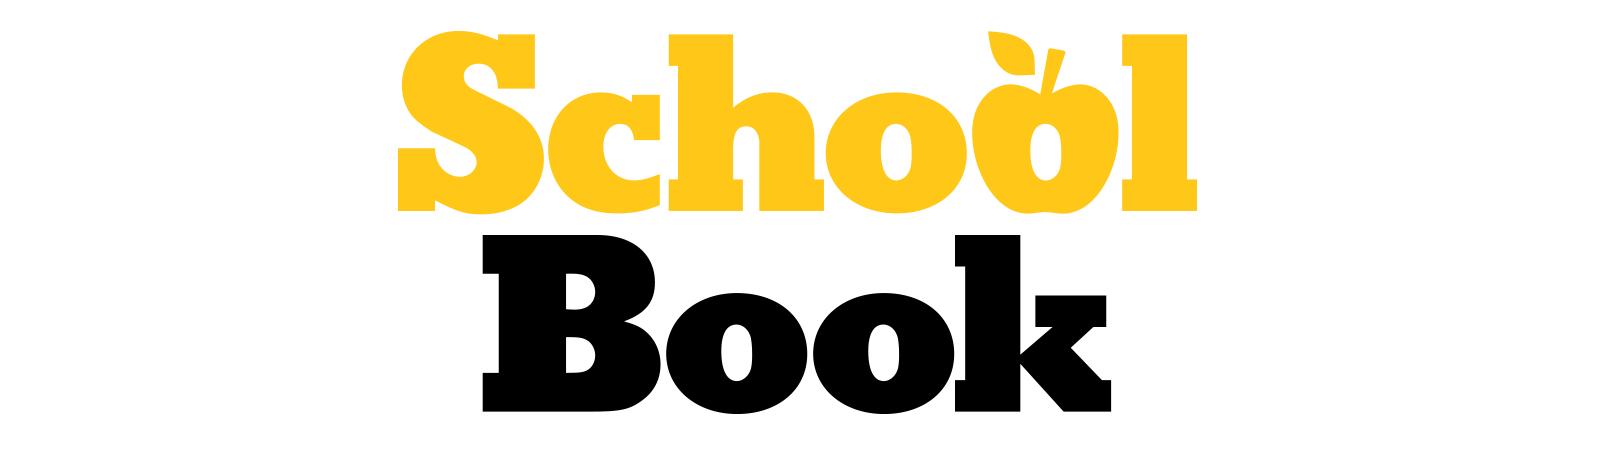 schoolbooklogo